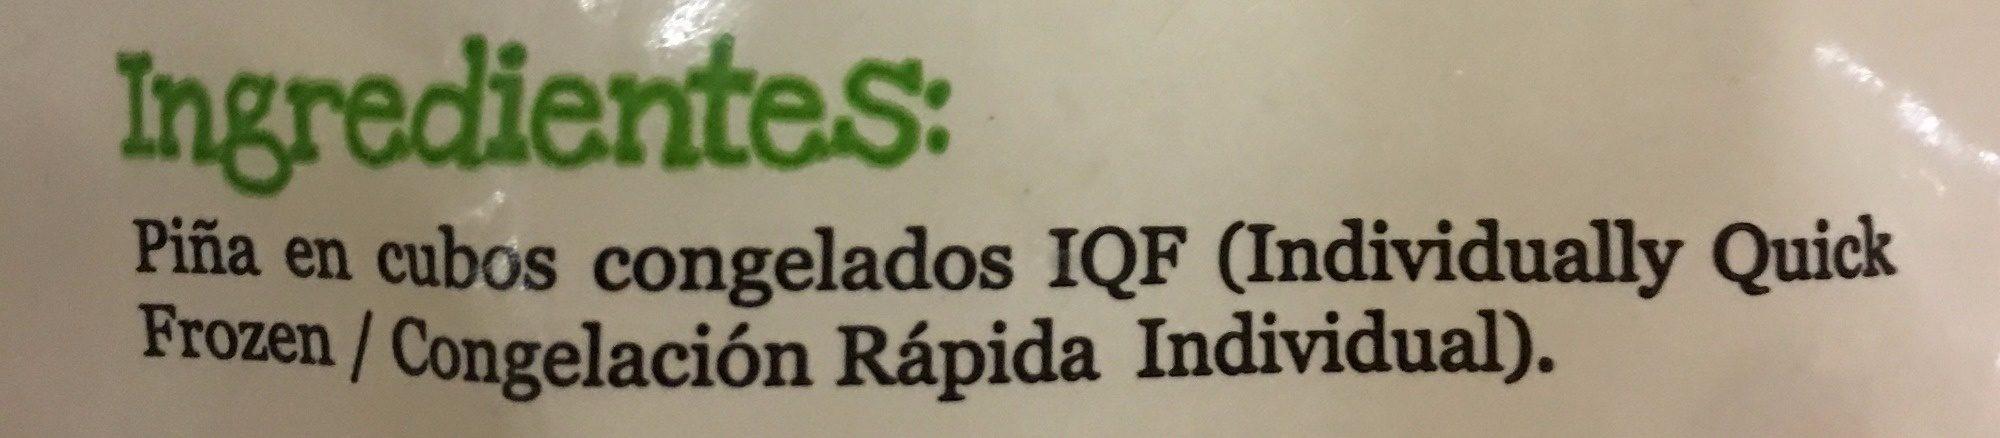 PIÑA CONGELADA EN CUBOS - Ingrédients - es